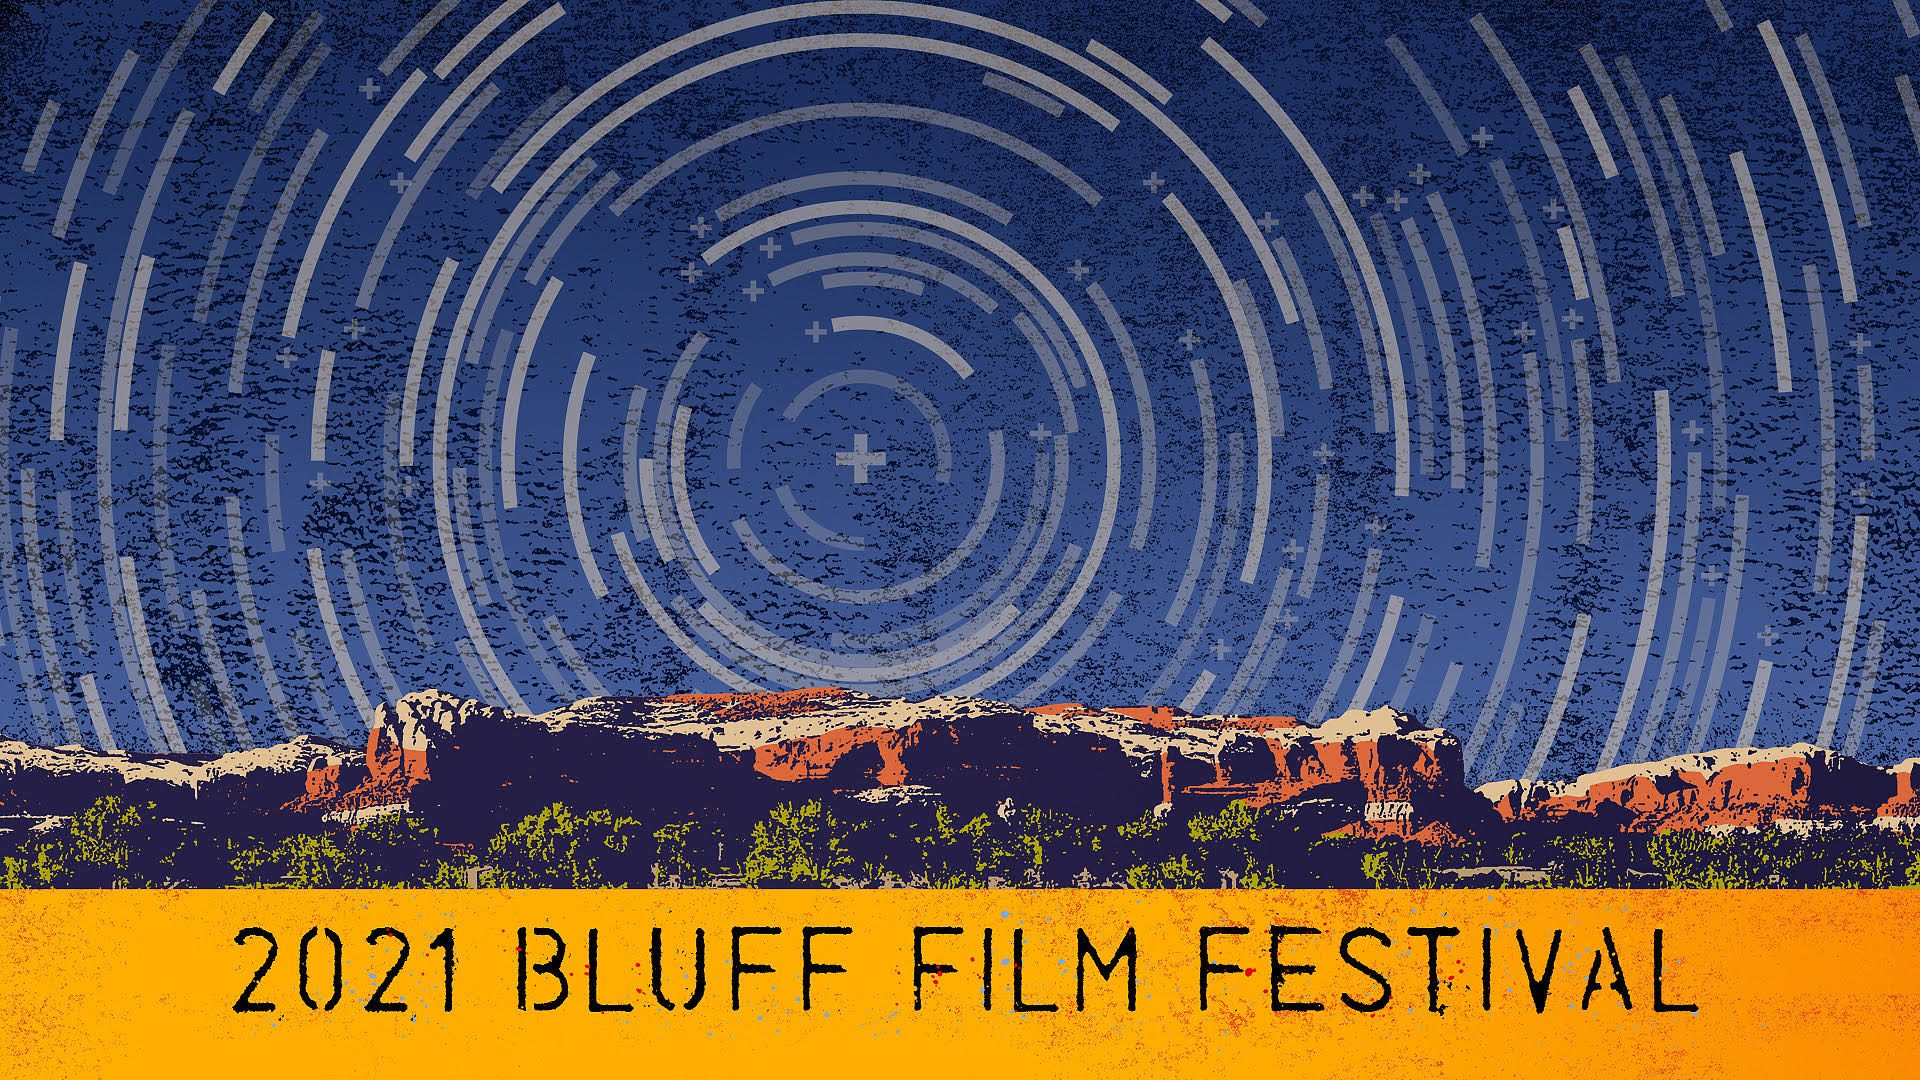 2021BluffFilmFestival